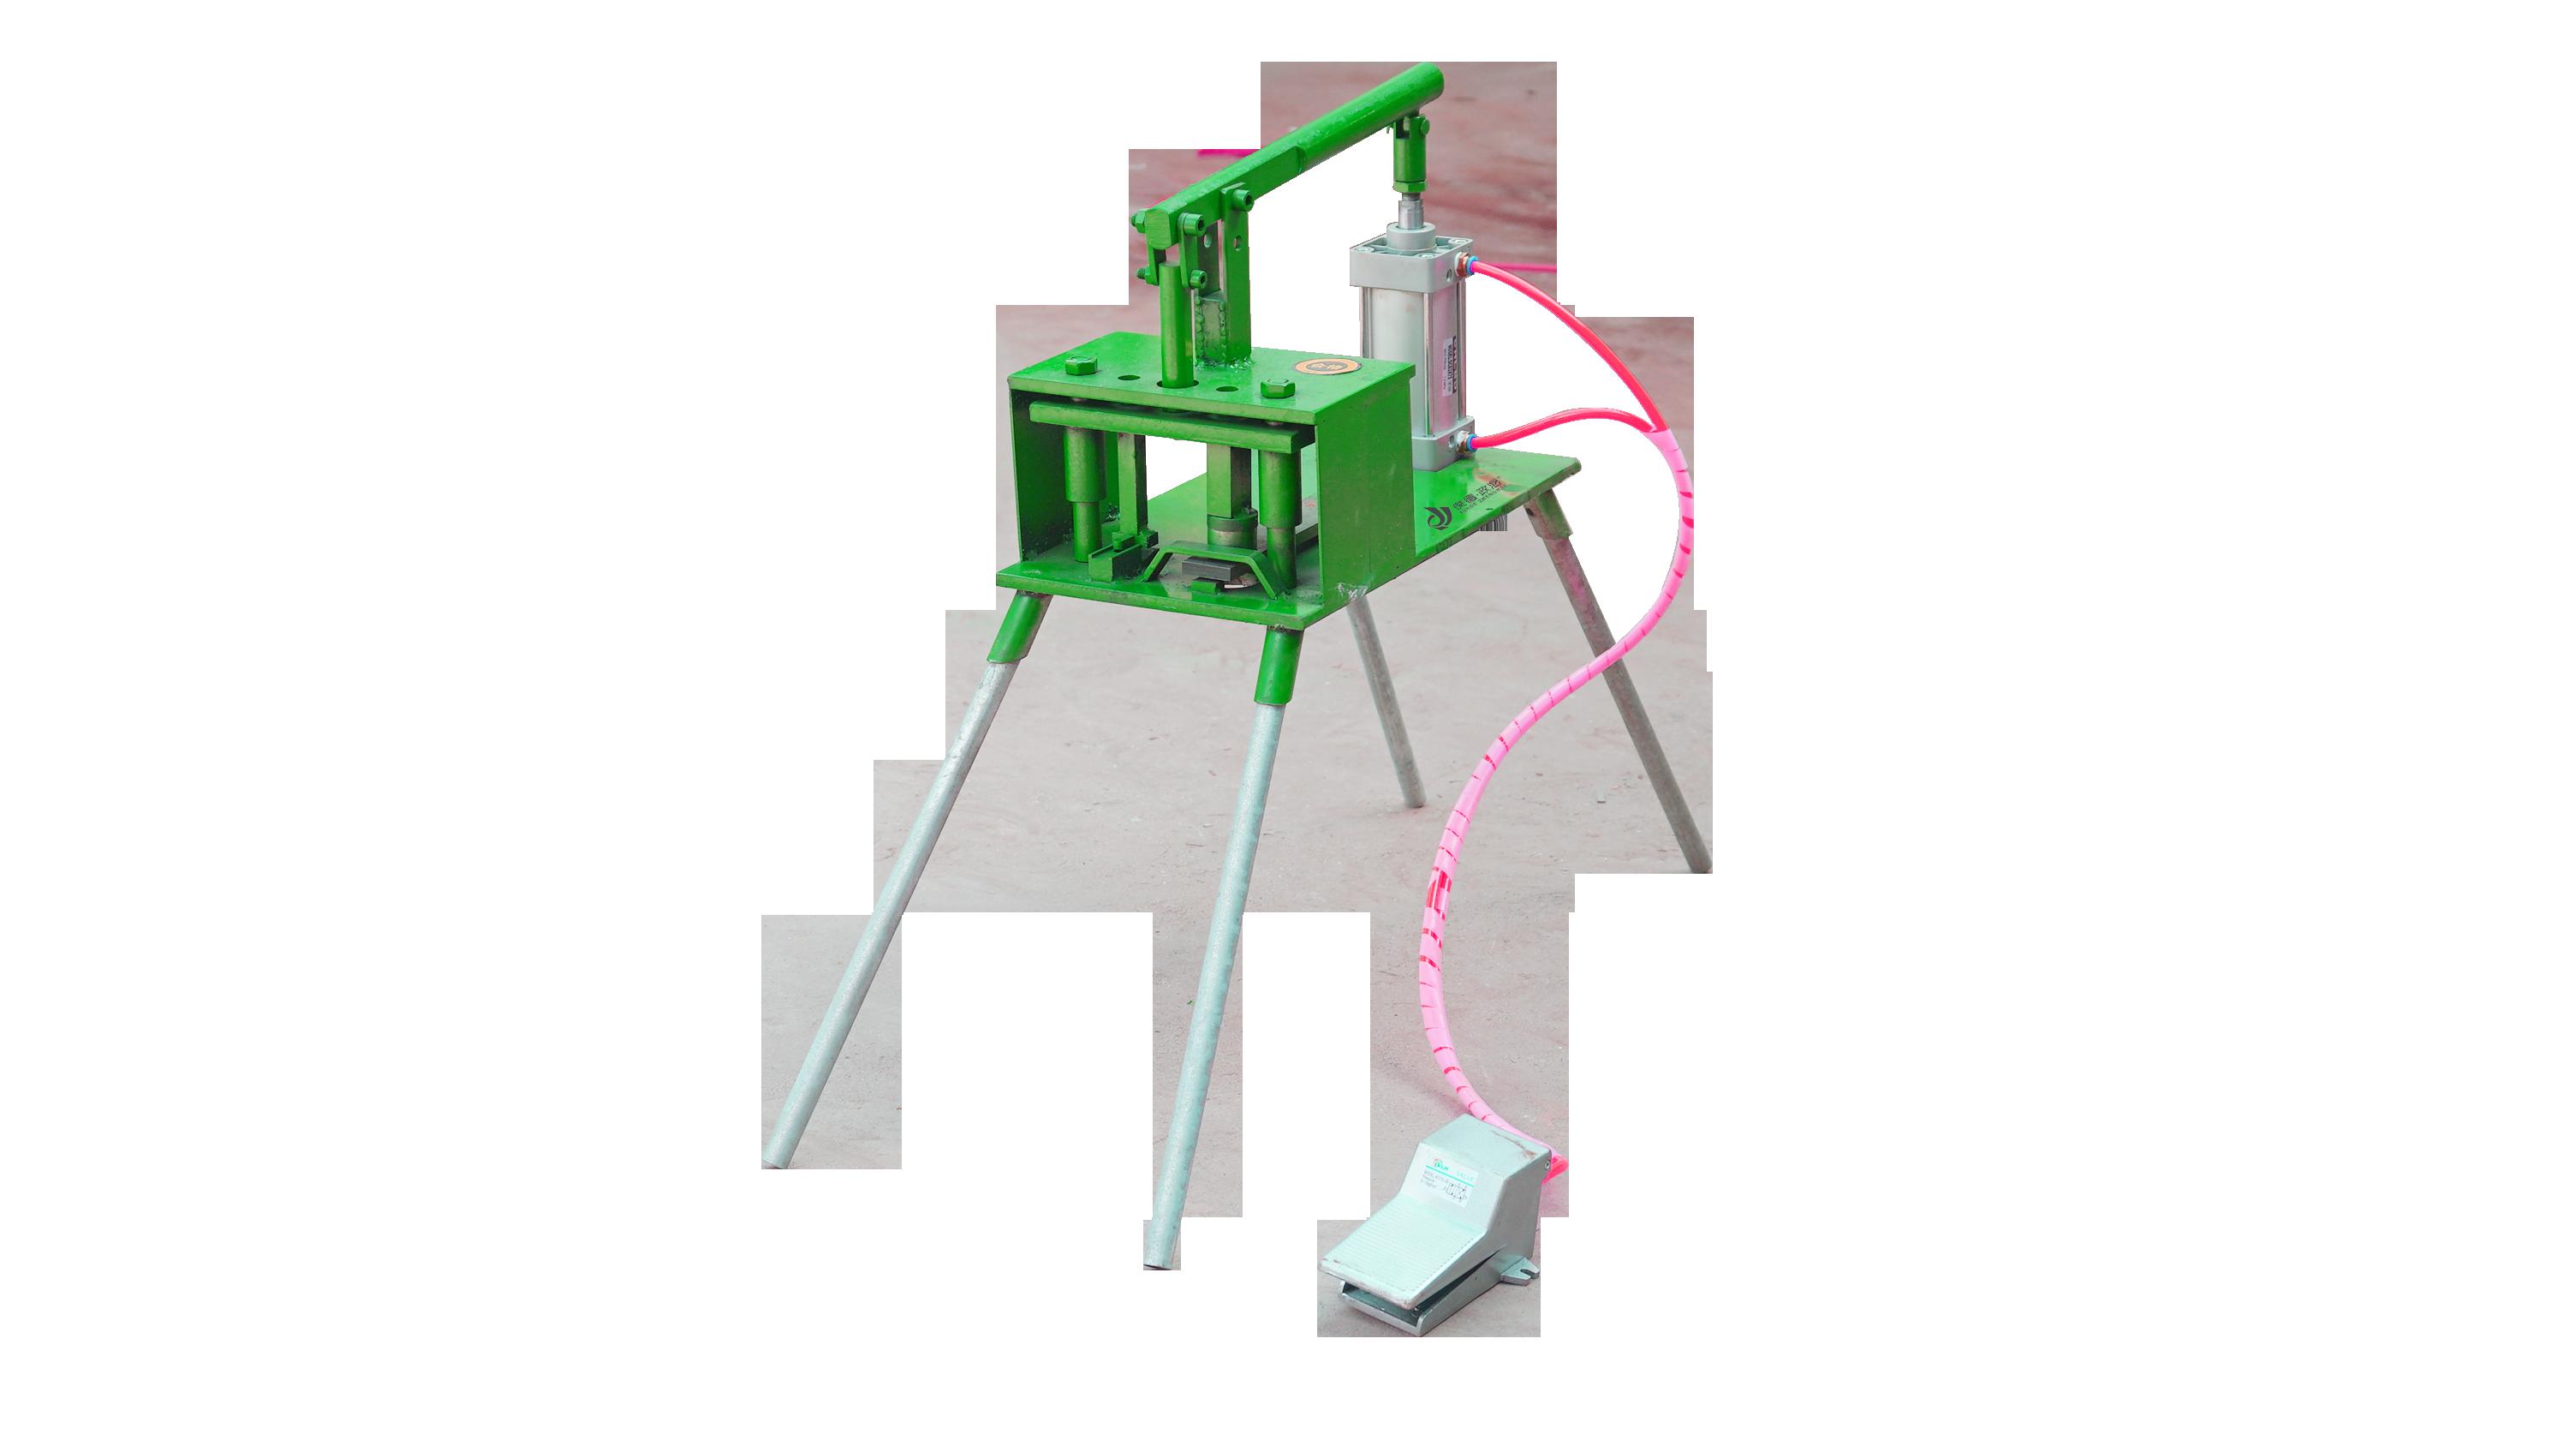 手动冲孔机厂家直销气动冲孔机晶钢门冲孔机2合1冲孔机铰链冲孔机铝材冲孔